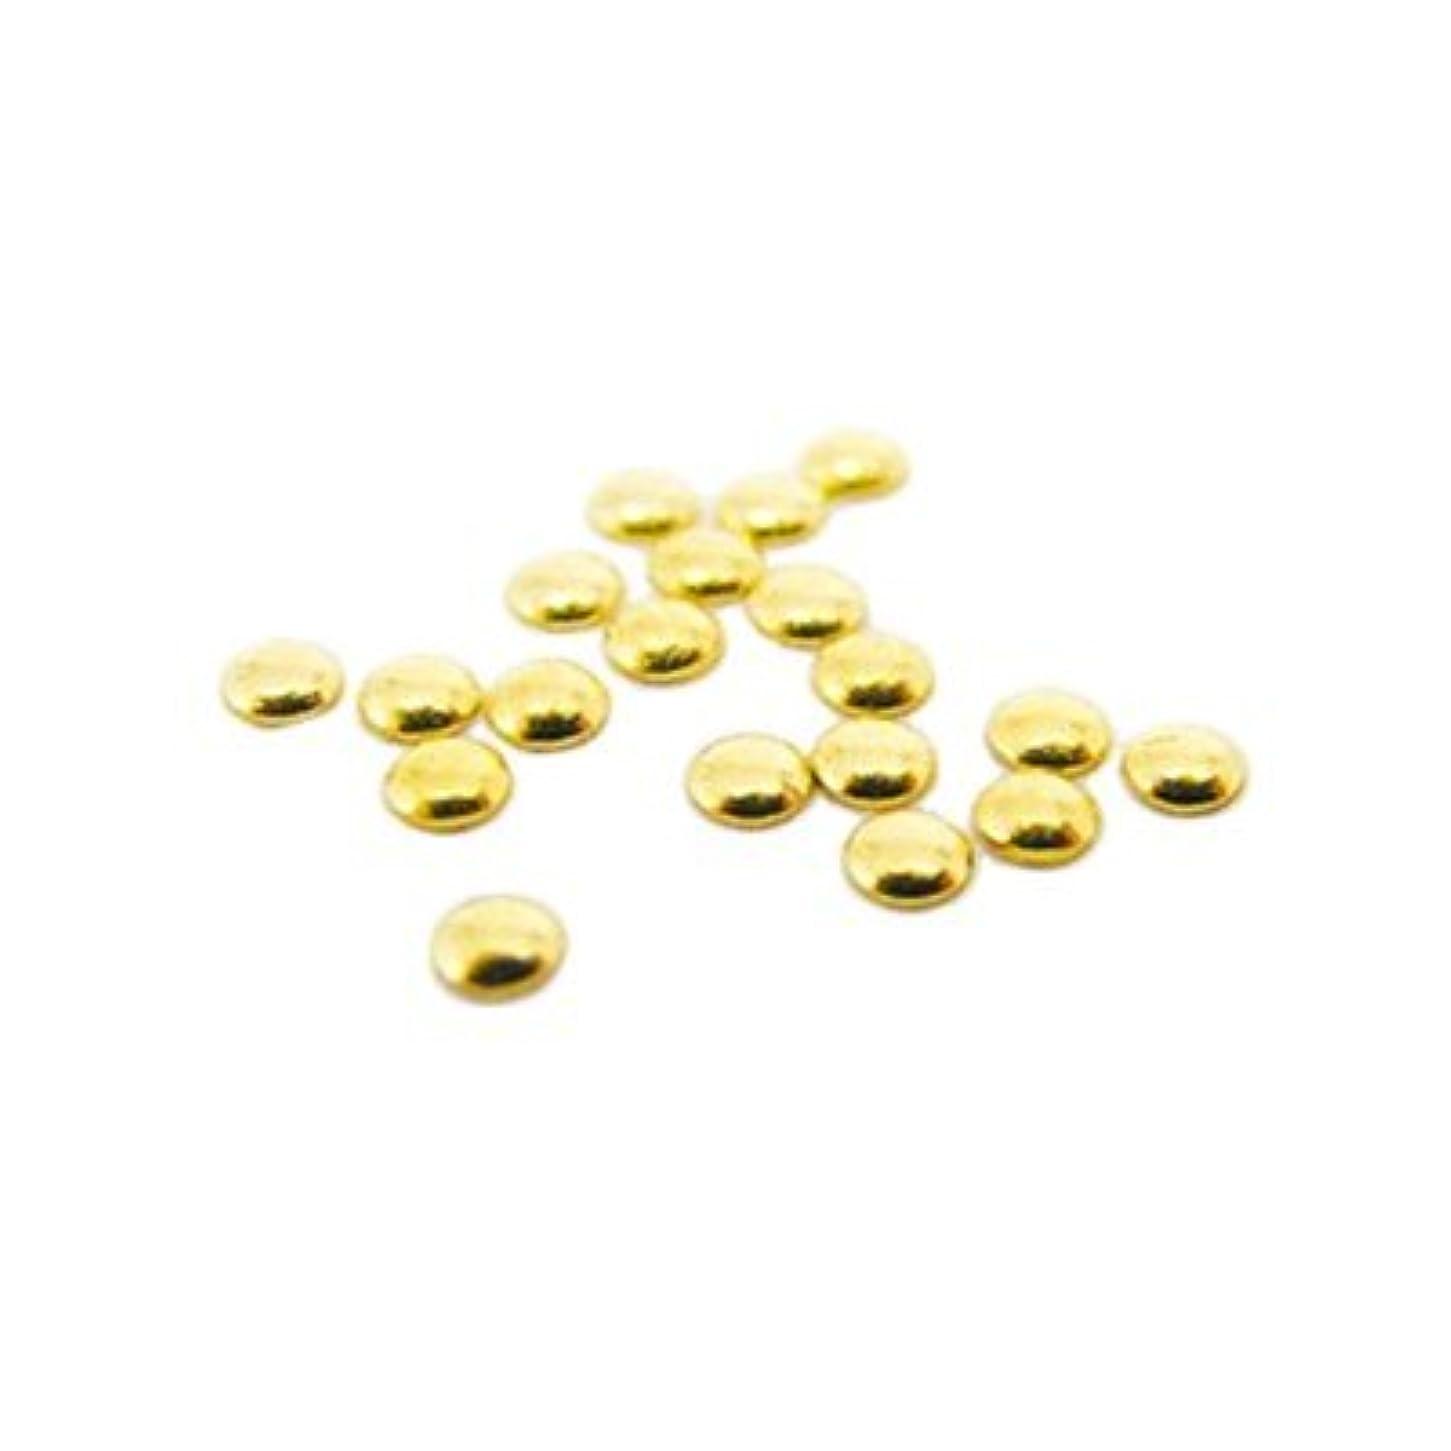 トイレ店員オリエントピアドラ スタッズ 0.8mm 50P ゴールド